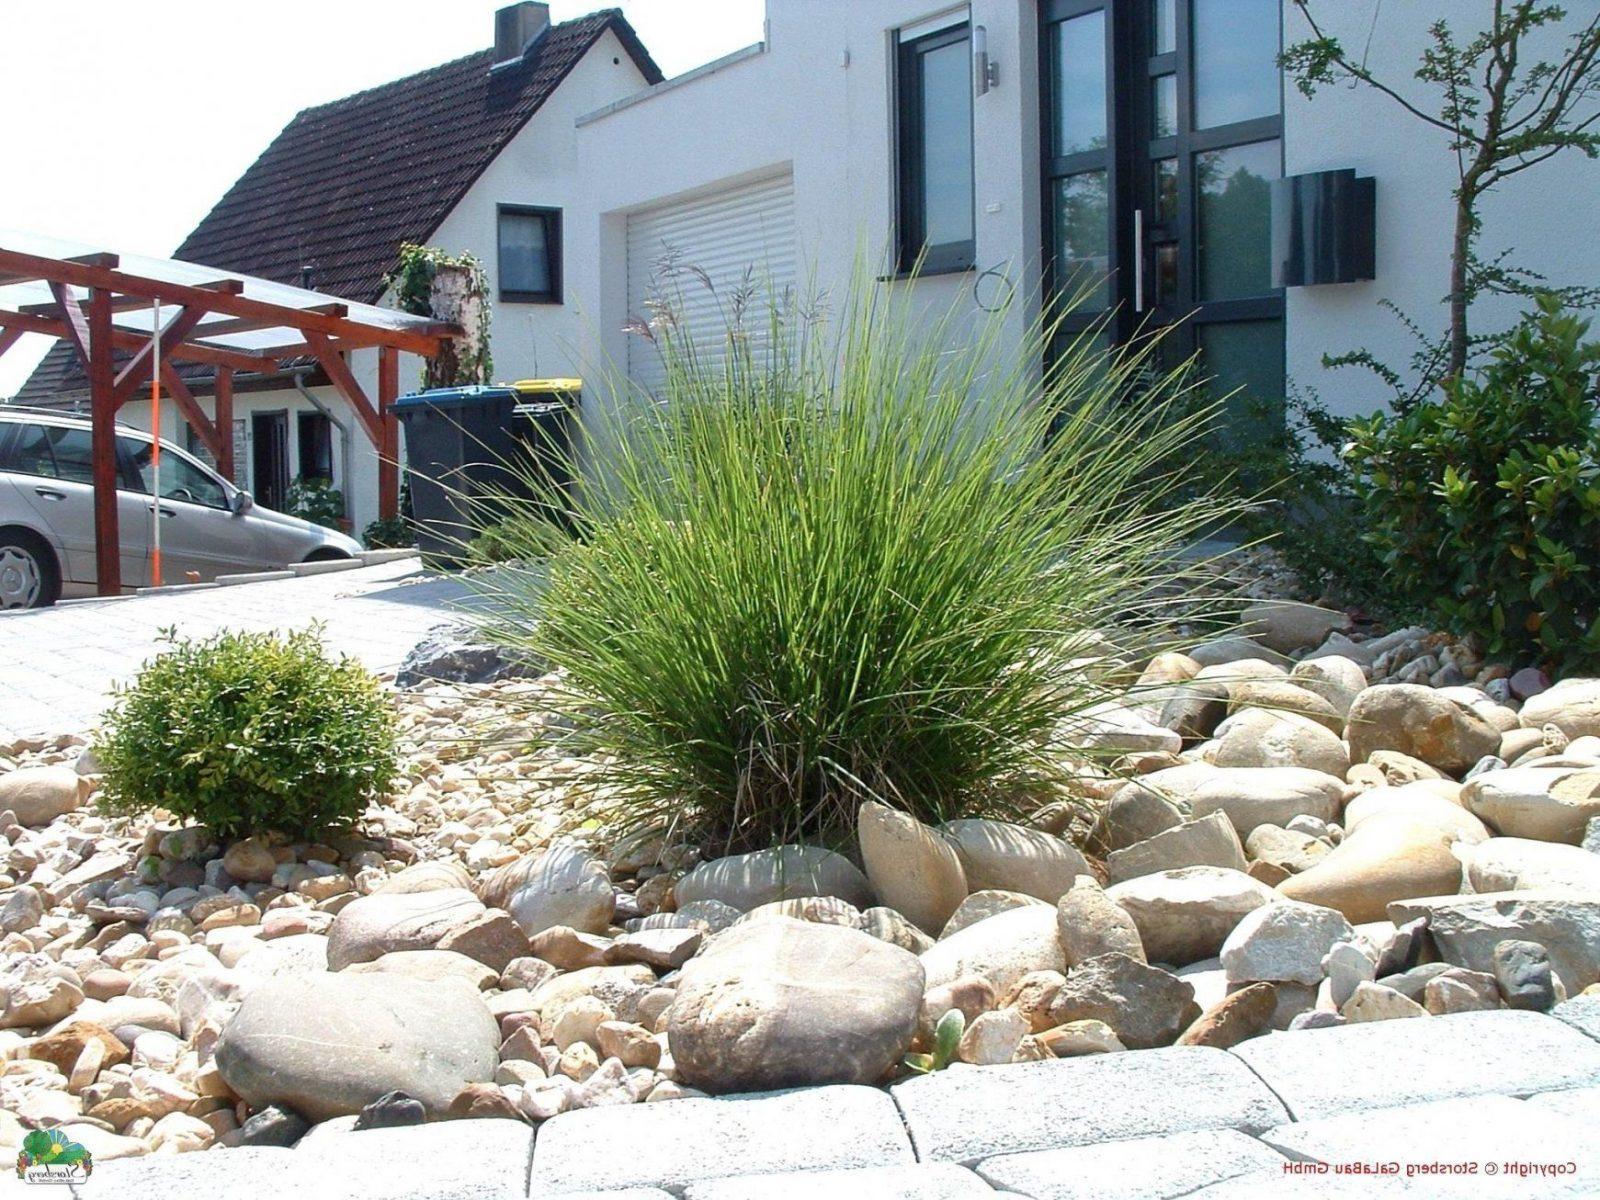 Frisch Gartengestaltung Mit Steinen Und Gräsern Modern  Kpelavrio von Moderne Gartengestaltung Mit Gräsern Photo